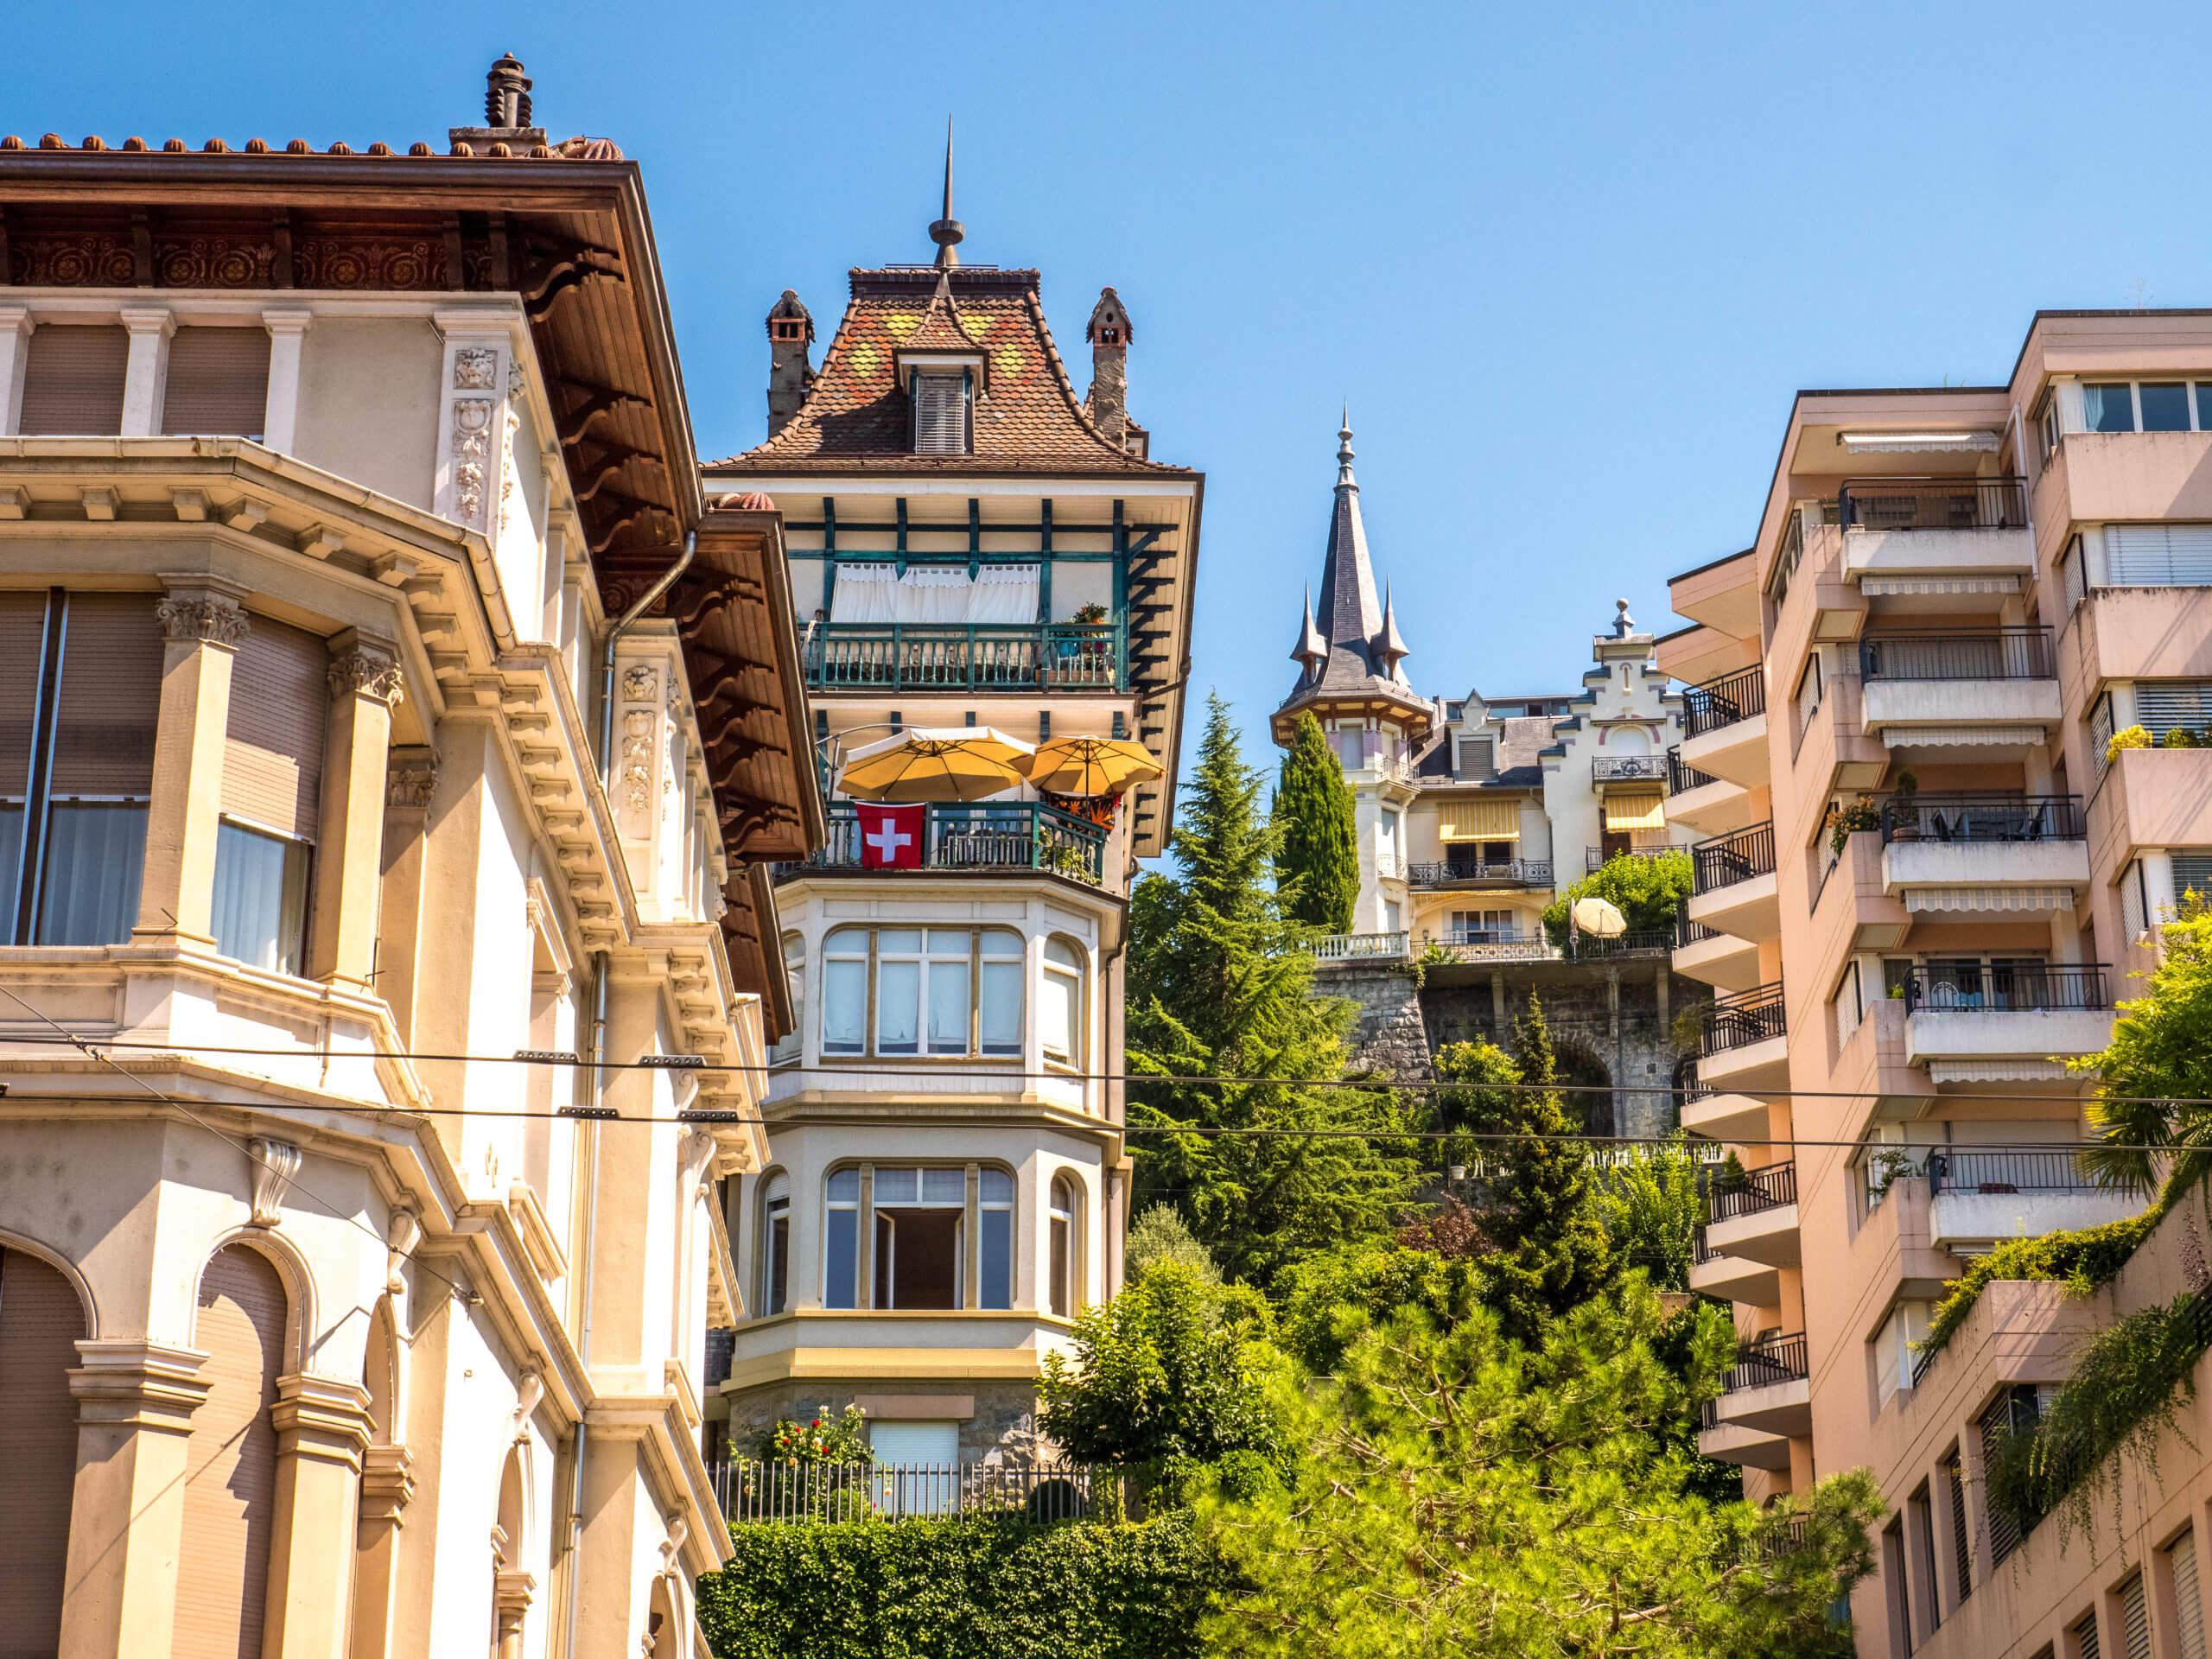 Maisons Belle Epoque de Montreux